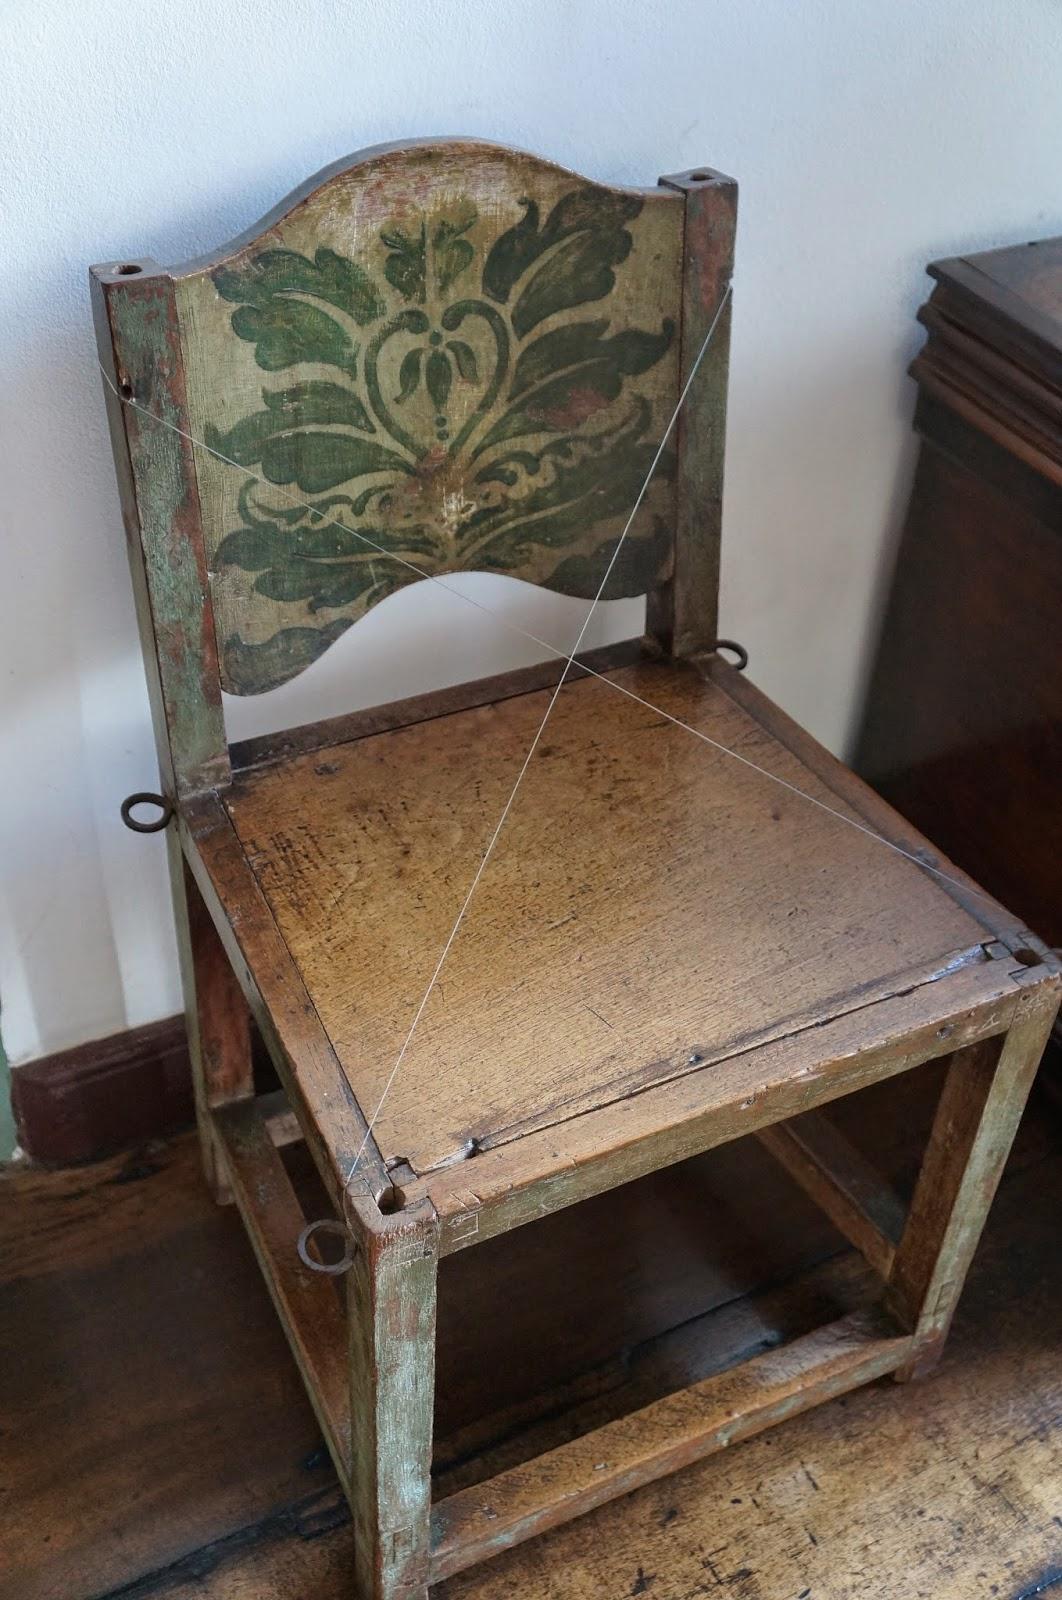 cadeira do acervo da Casa dos Contos - Ouro Preto (MG) - foto do Blog Carina Pedro